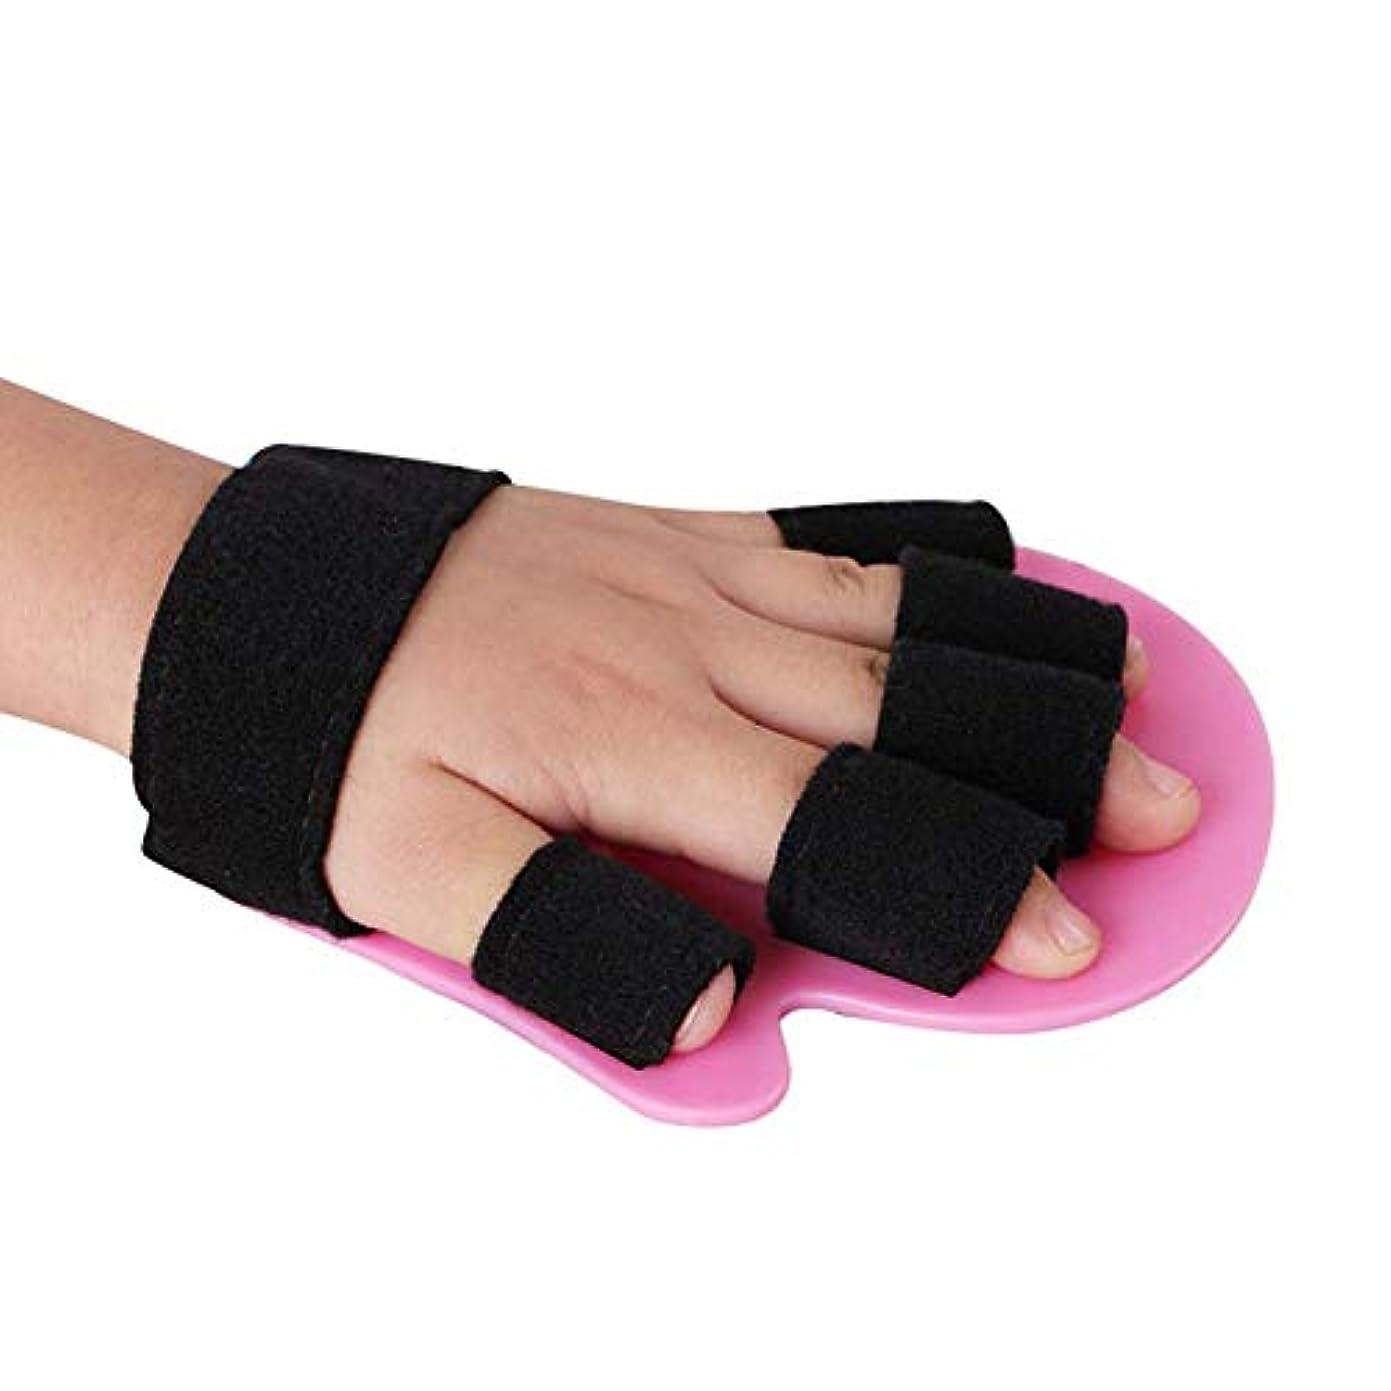 病弱乱すと組むスプリント指指セパレーター、手の手首の装具は別のデバイス患者関節炎リハビリテーション支援Brace1-5歳サポートばね指のスプリントを指